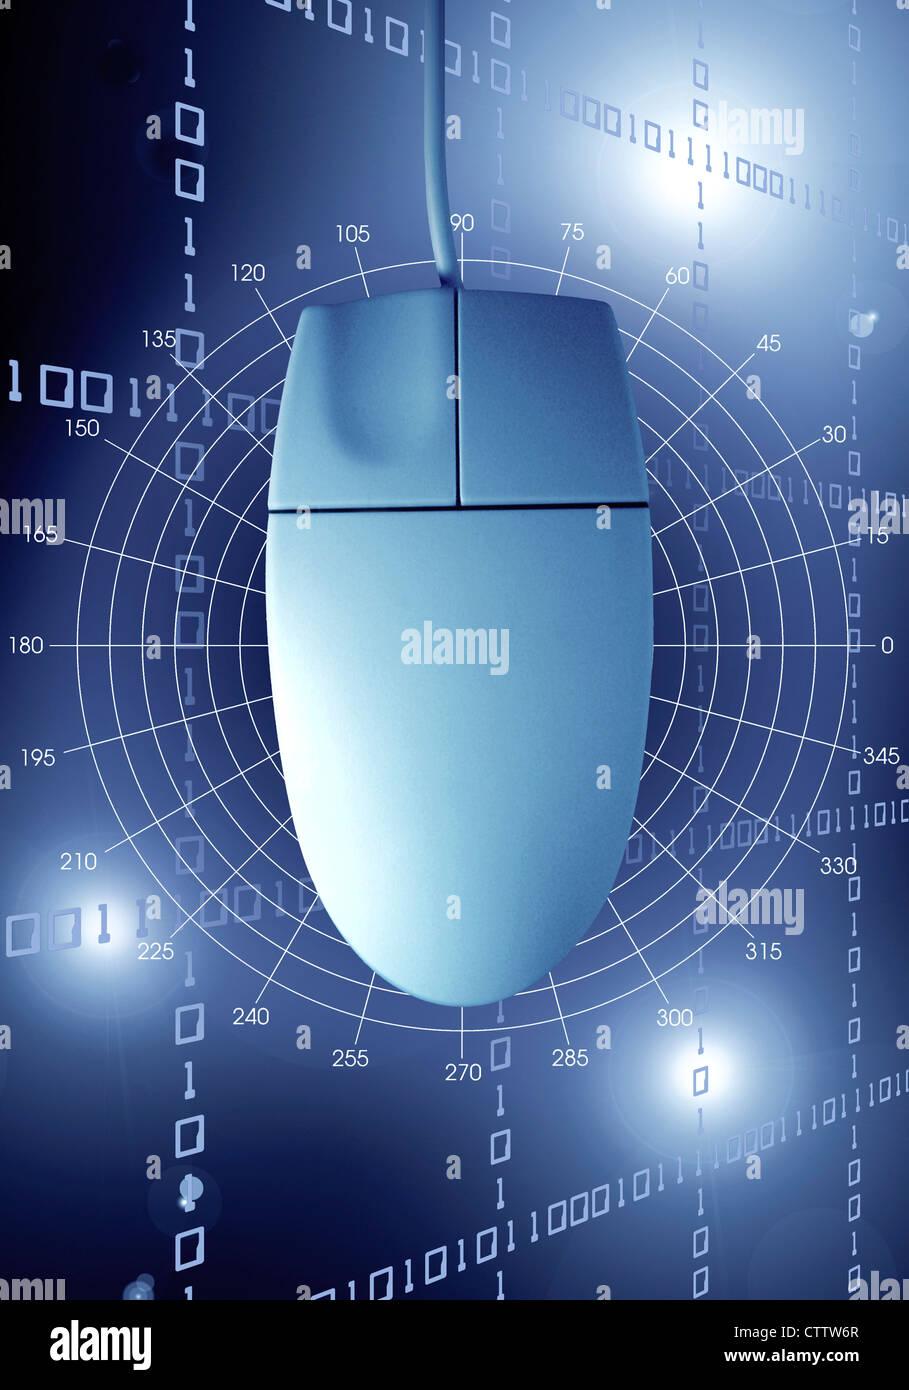 Computermaus vor einem Hintergrund aus digitalen Zahlenreihen  - Stock Image